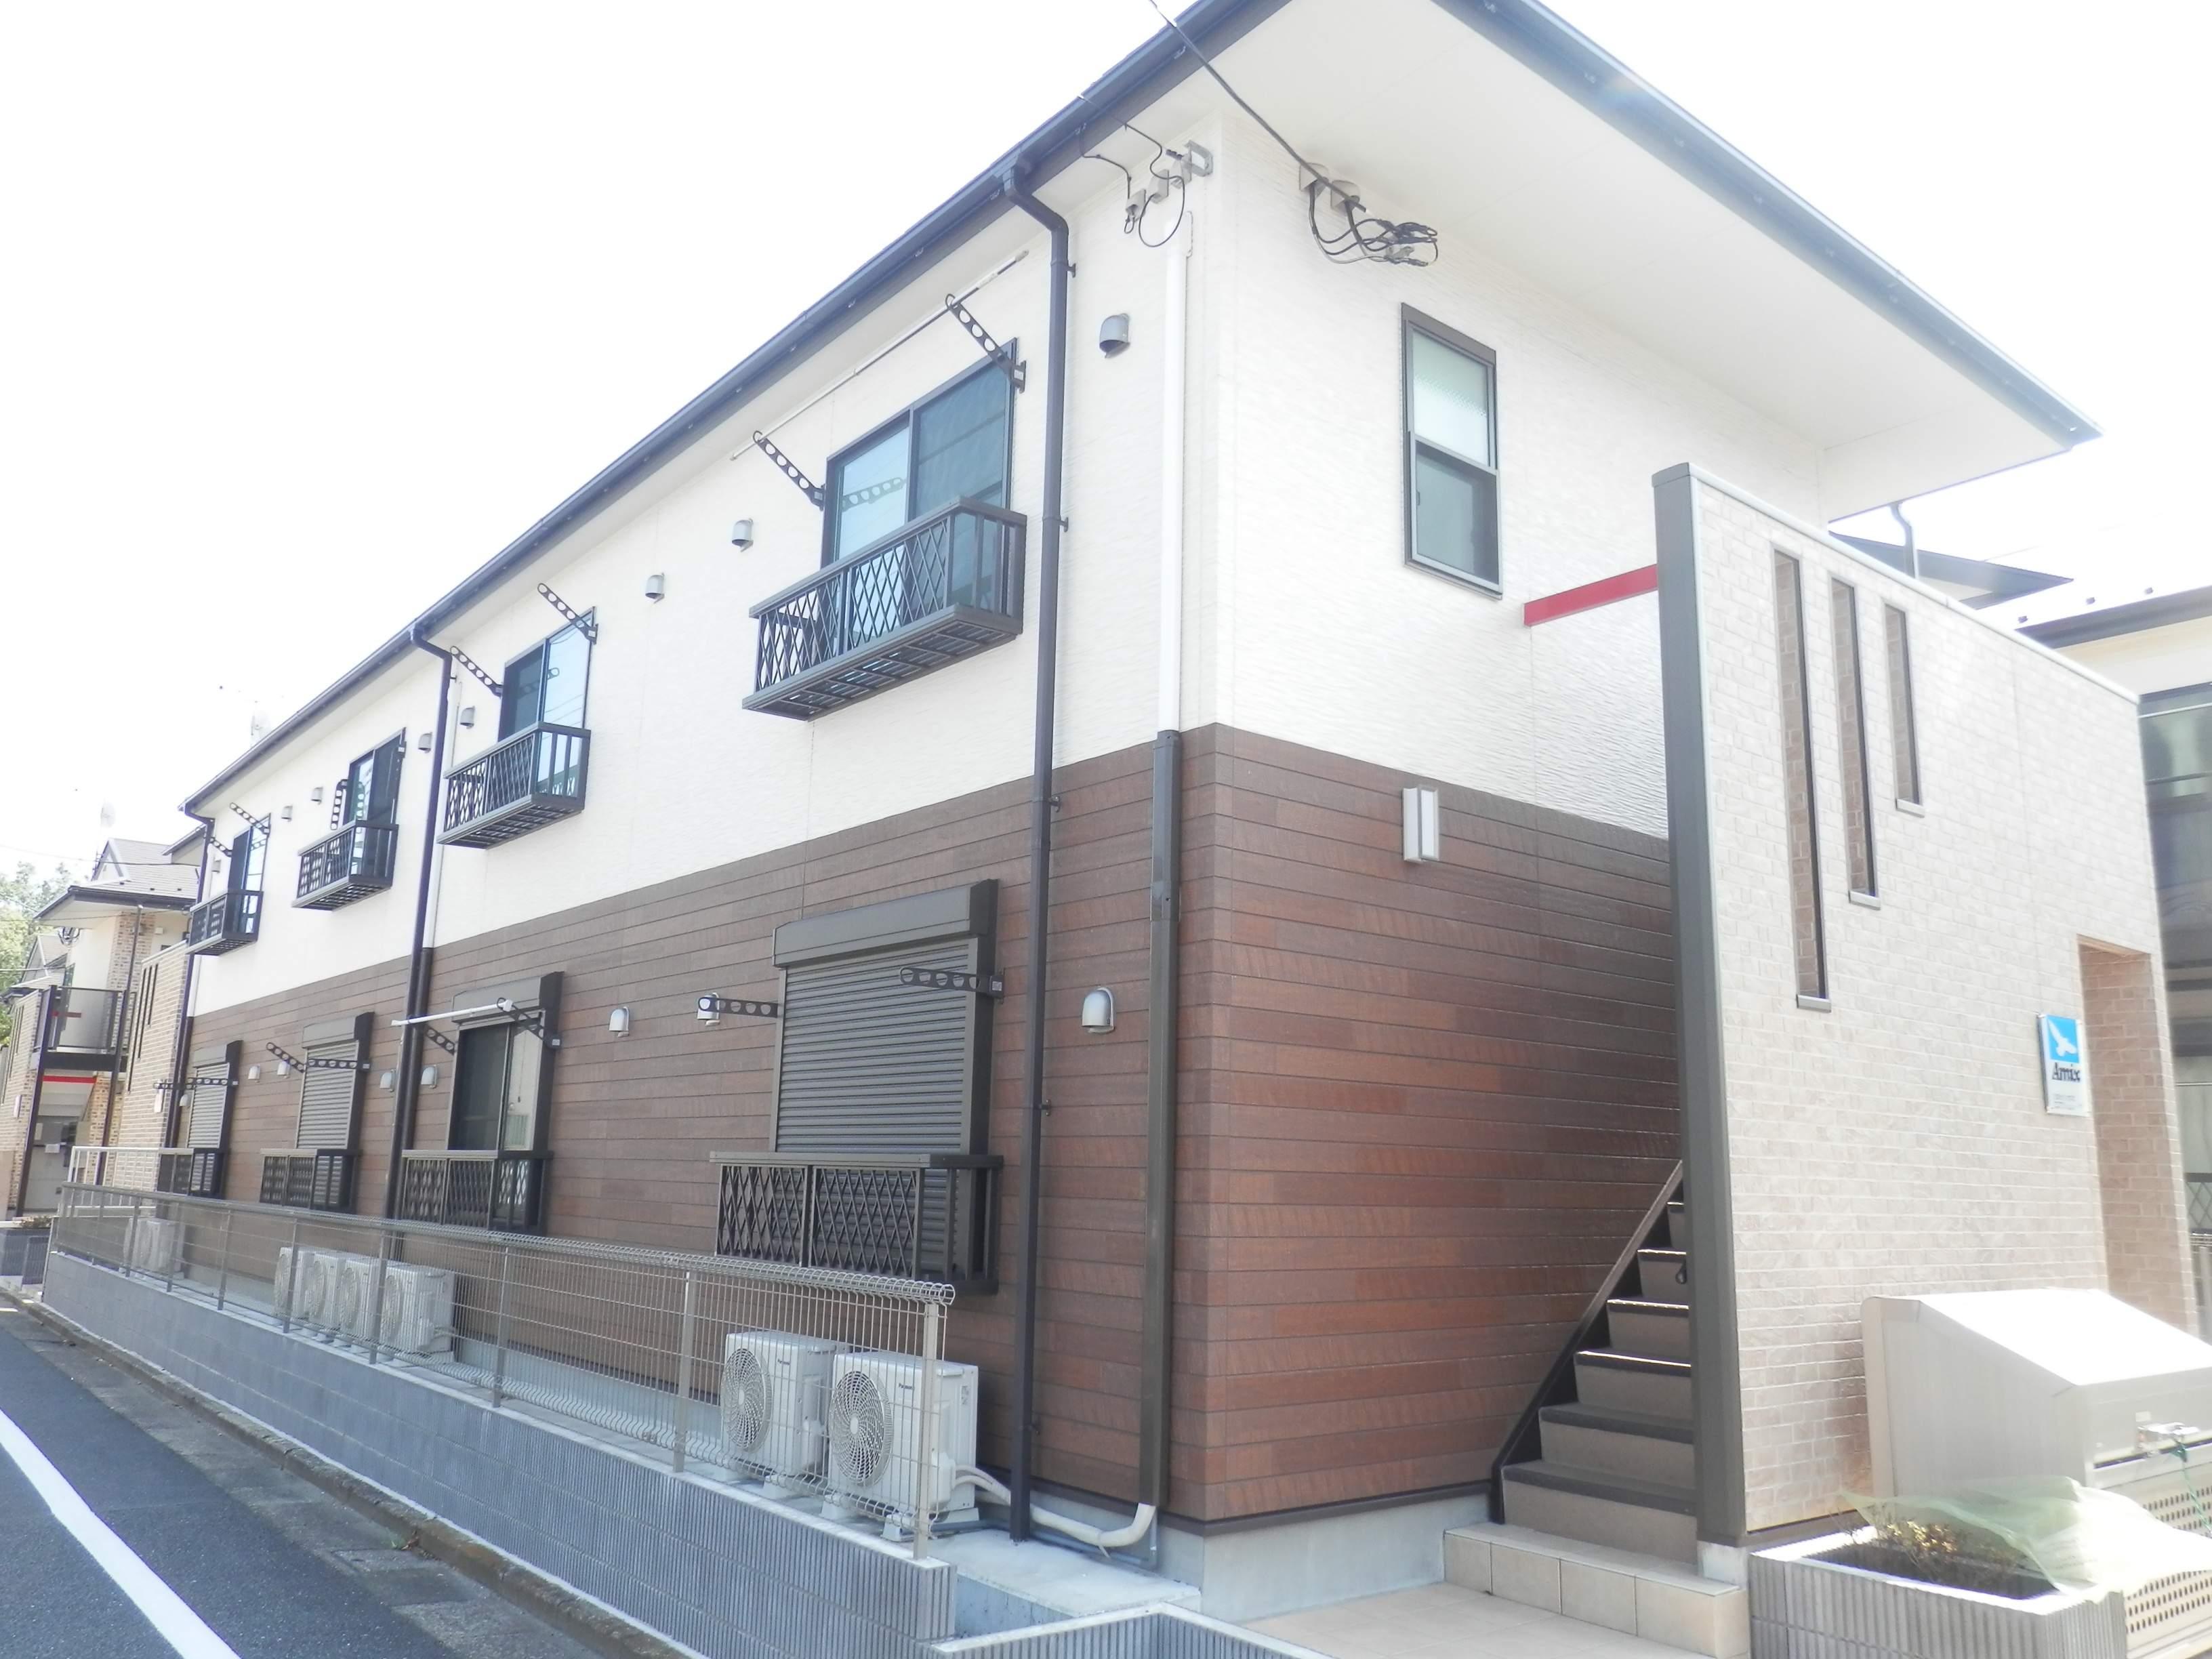 東京都江戸川区、瑞江駅徒歩18分の築4年 2階建の賃貸アパート